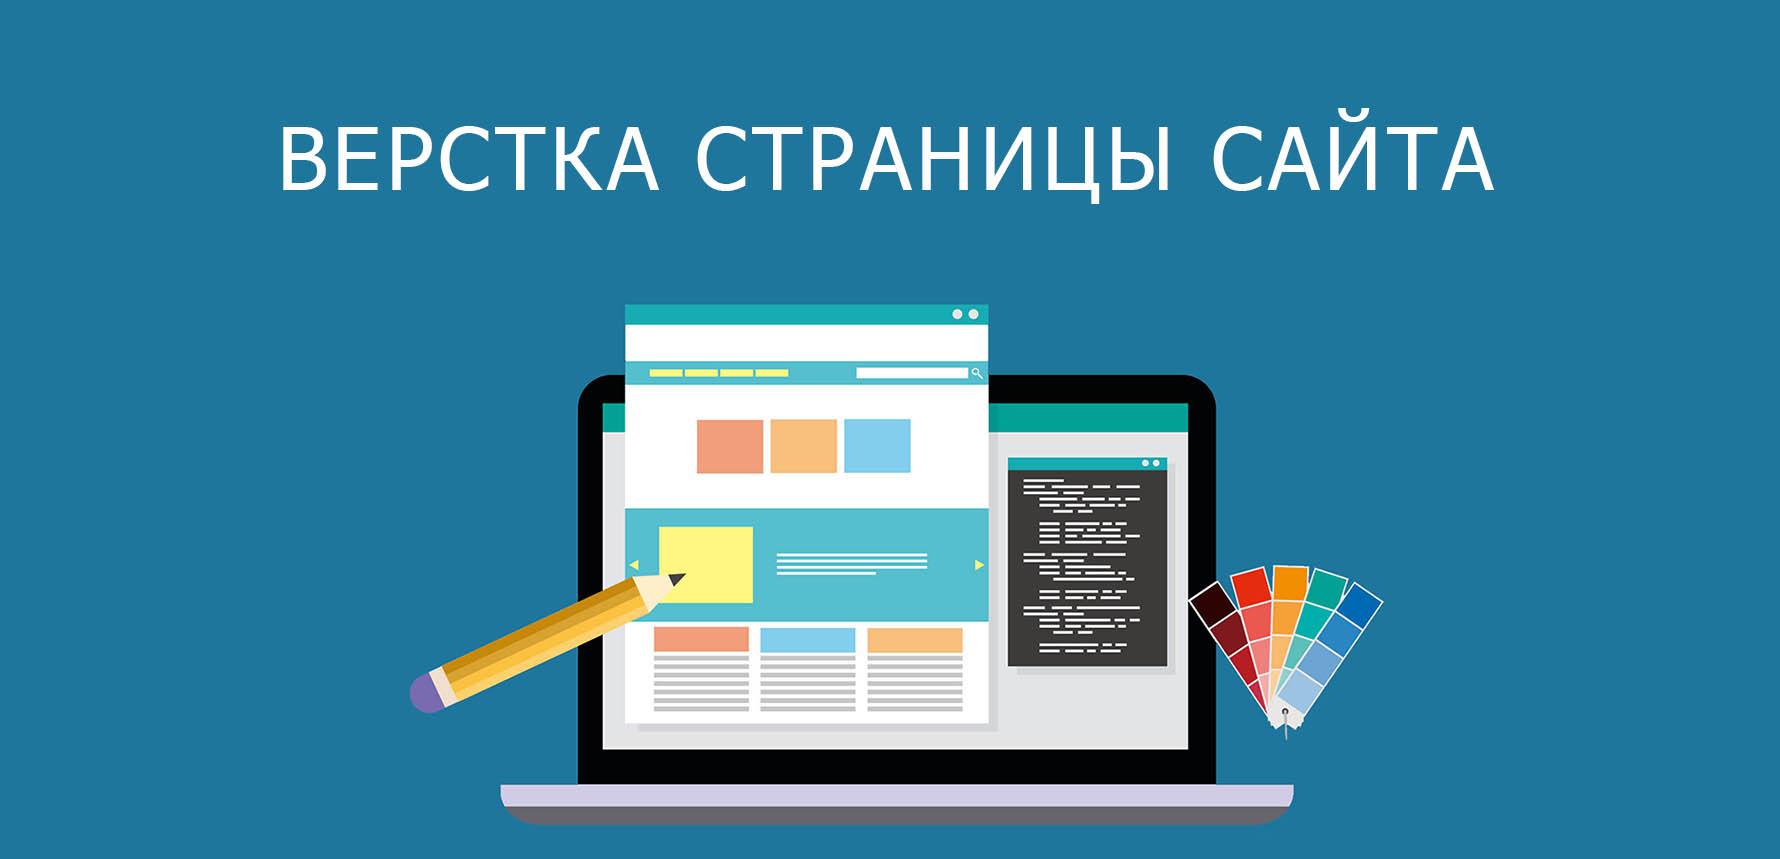 Верстка страниц веб сайта